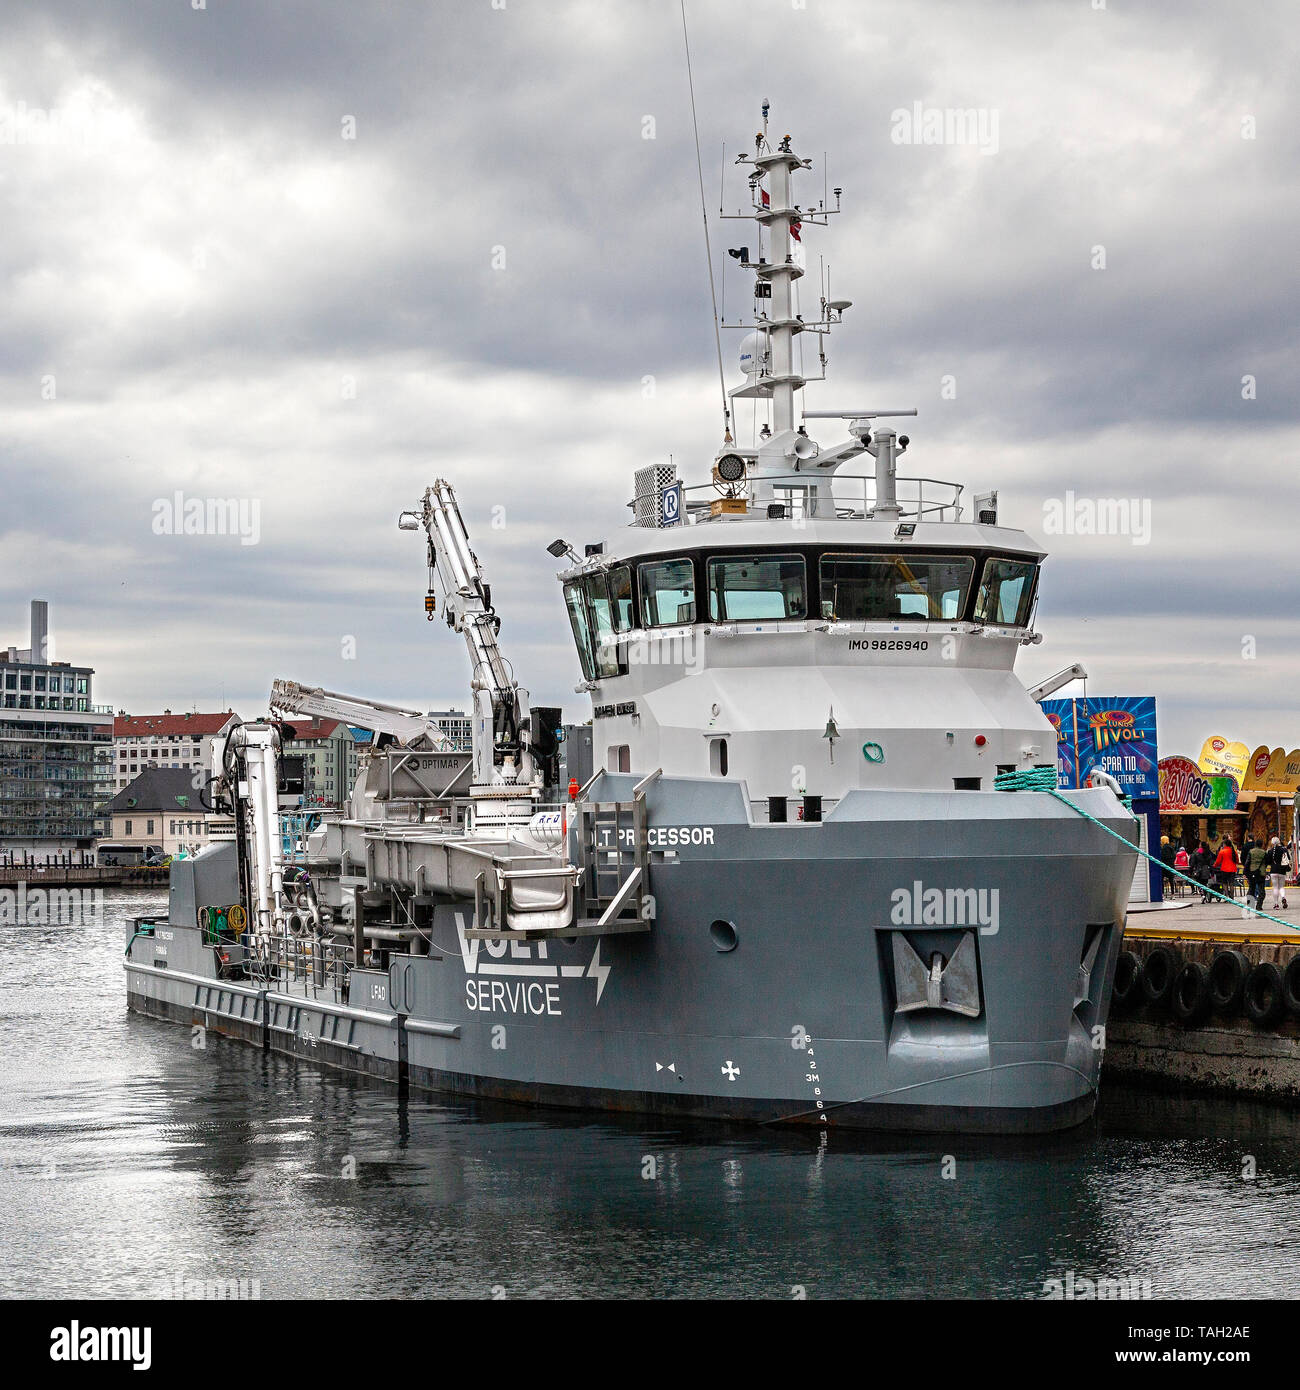 Specialty vessel Volt Processor in the port of Bergen, Norway - Stock Image